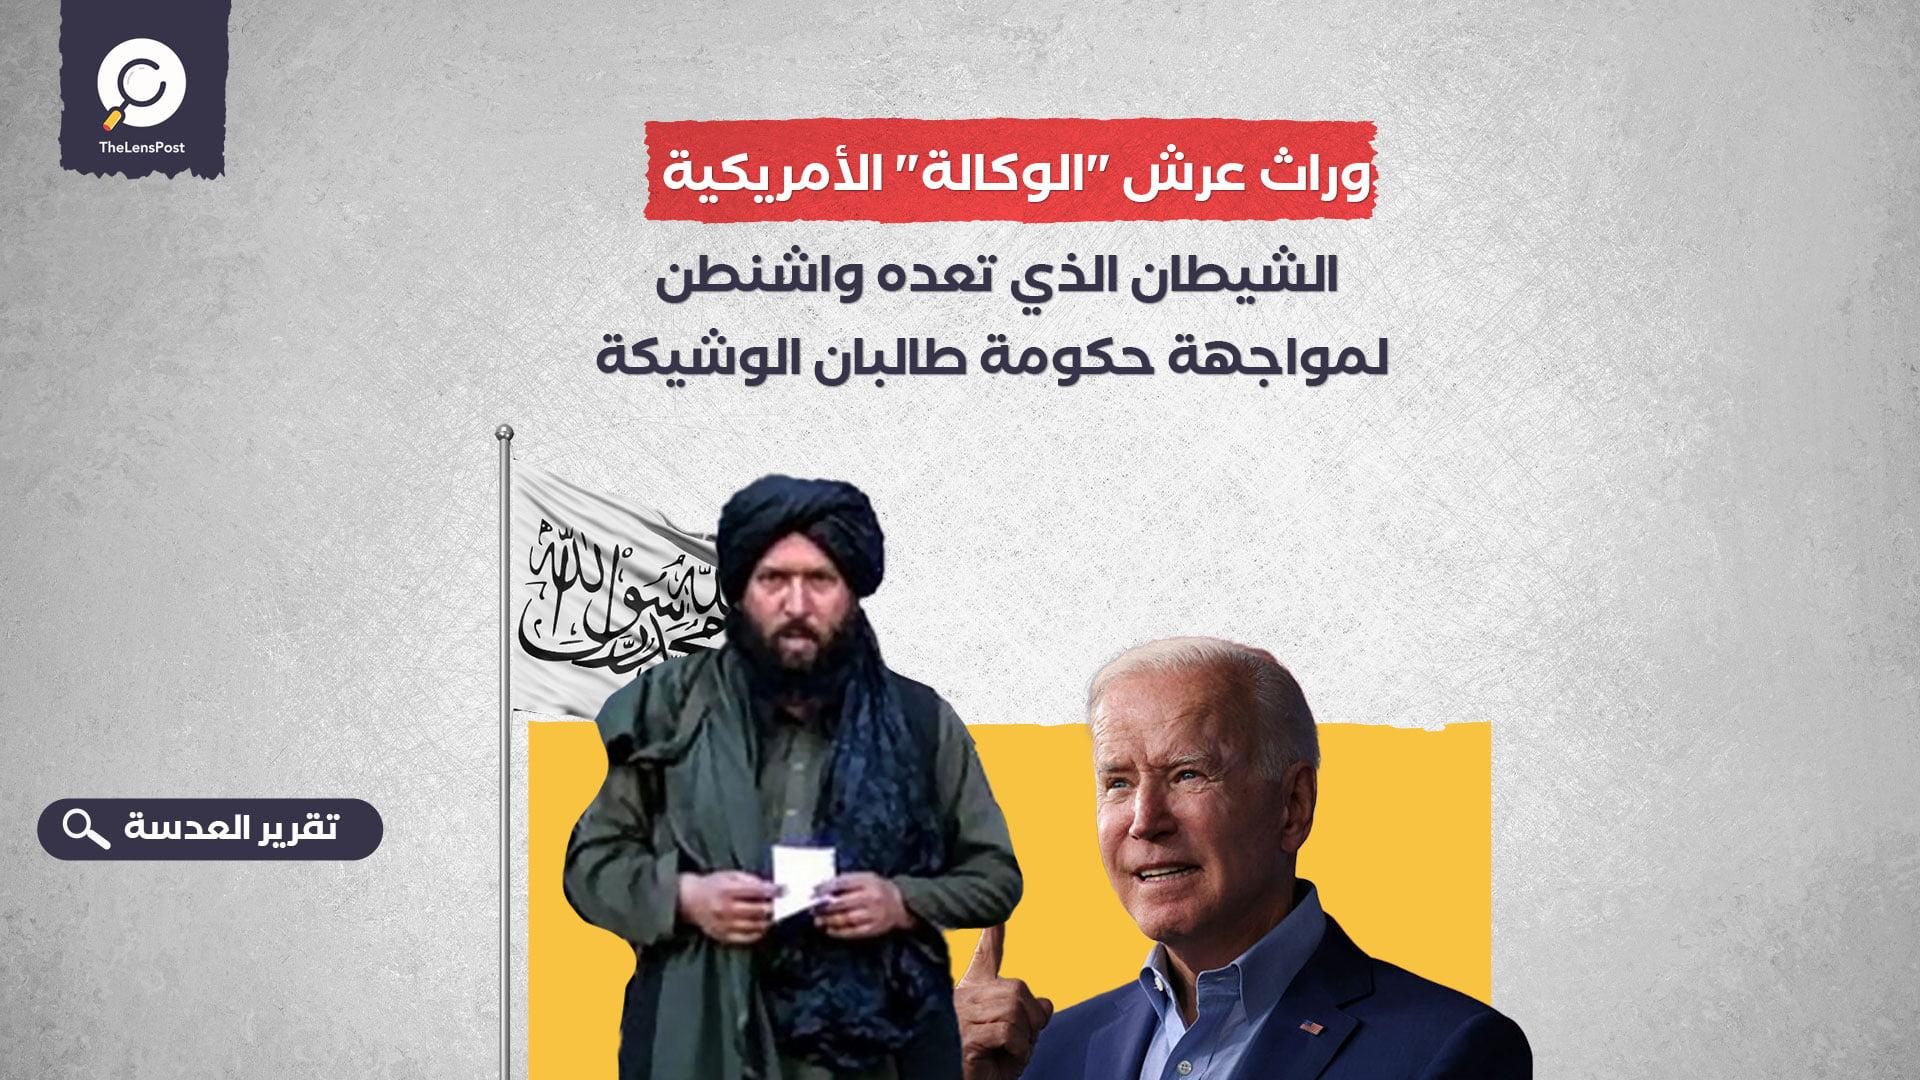 """وراث عرش """"الوكالة"""" الأمريكية.. الشيطان الذي تعده واشنطن لمواجهة حكومة طالبان الوشيكة"""